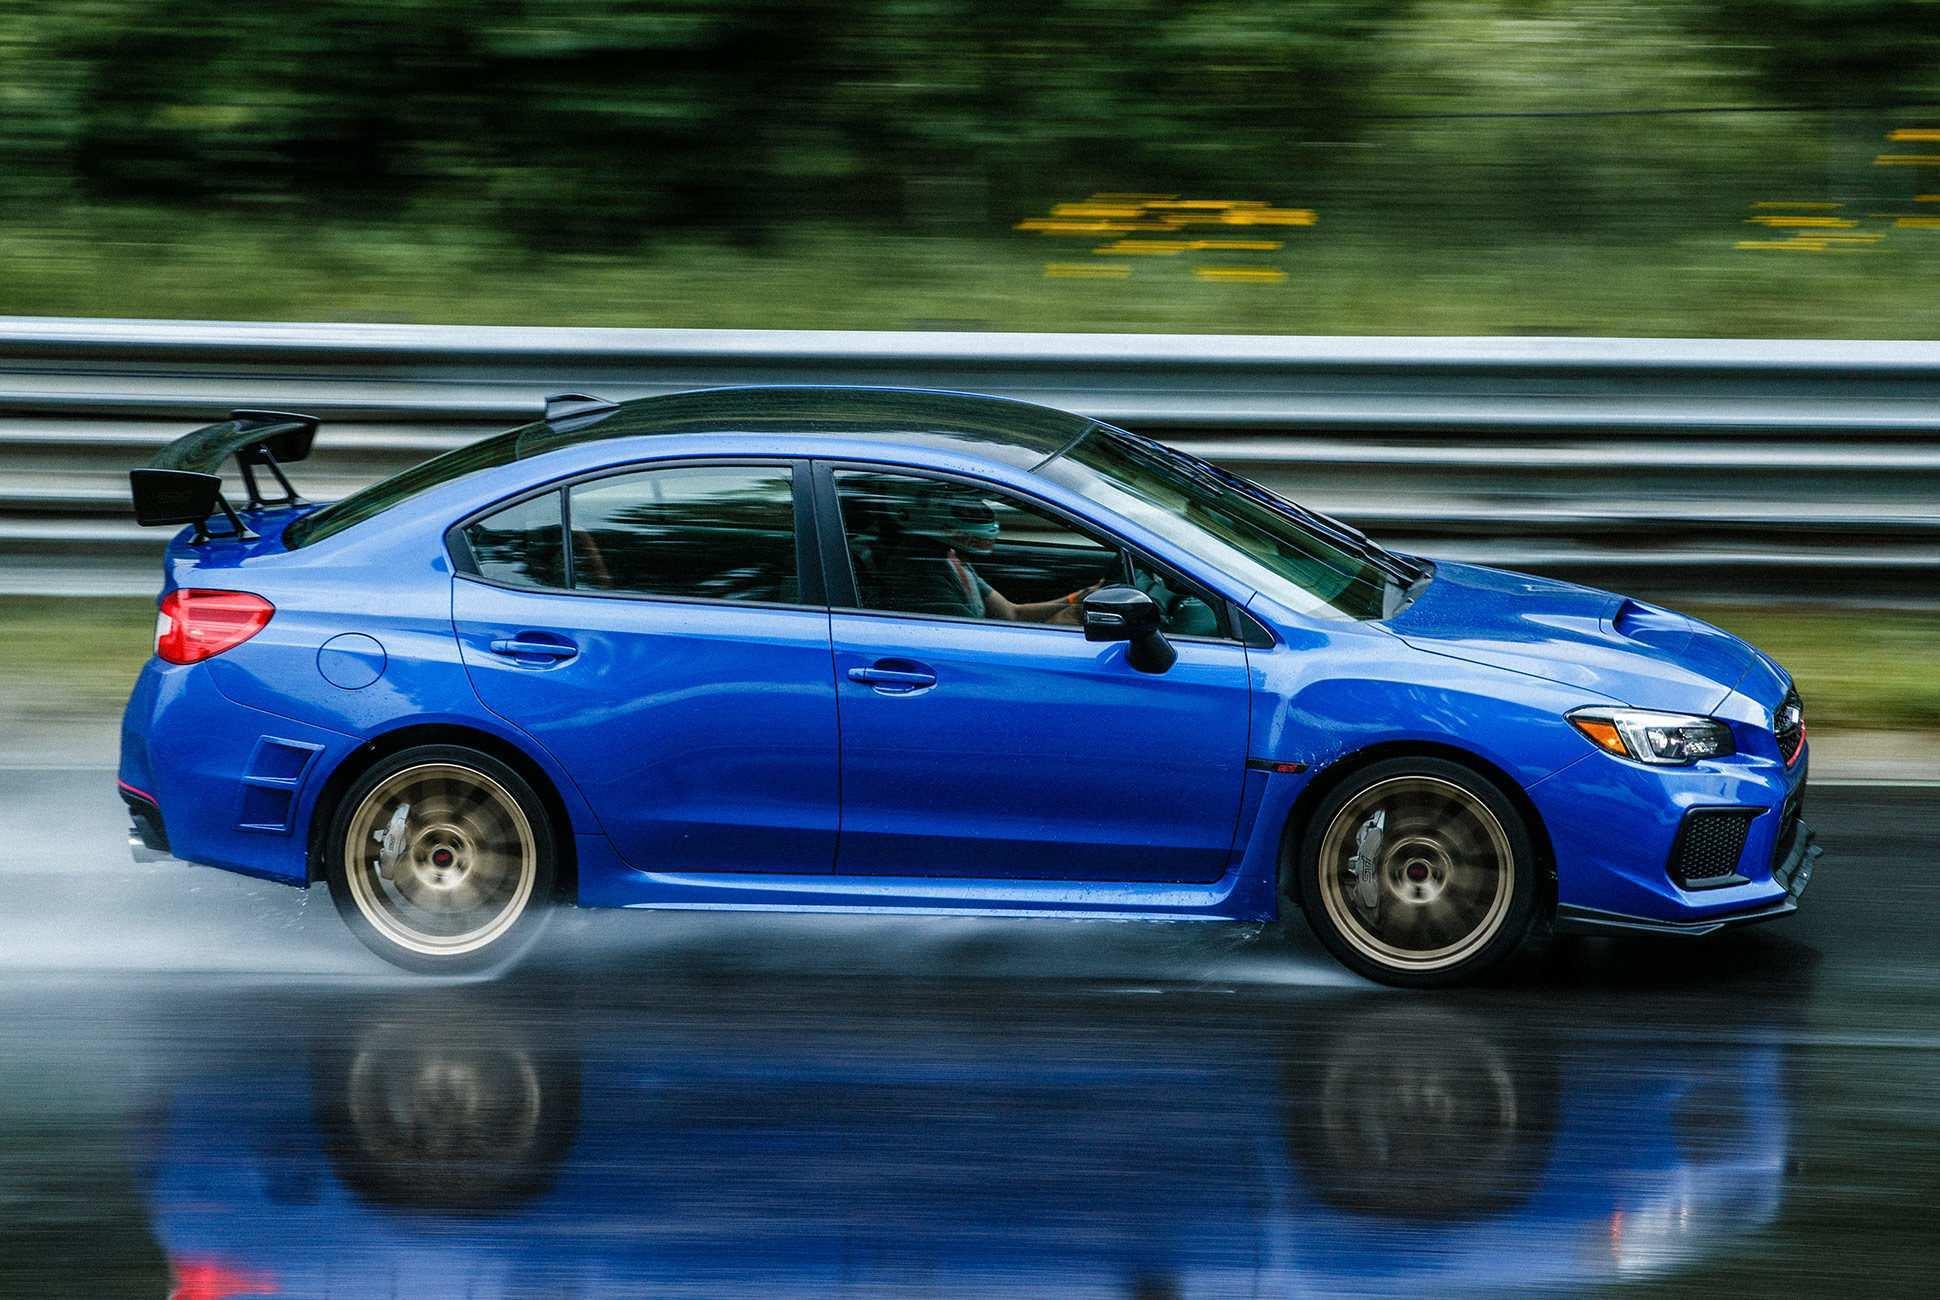 81 The 2019 Subaru Wrx Review Redesign and Concept for 2019 Subaru Wrx Review